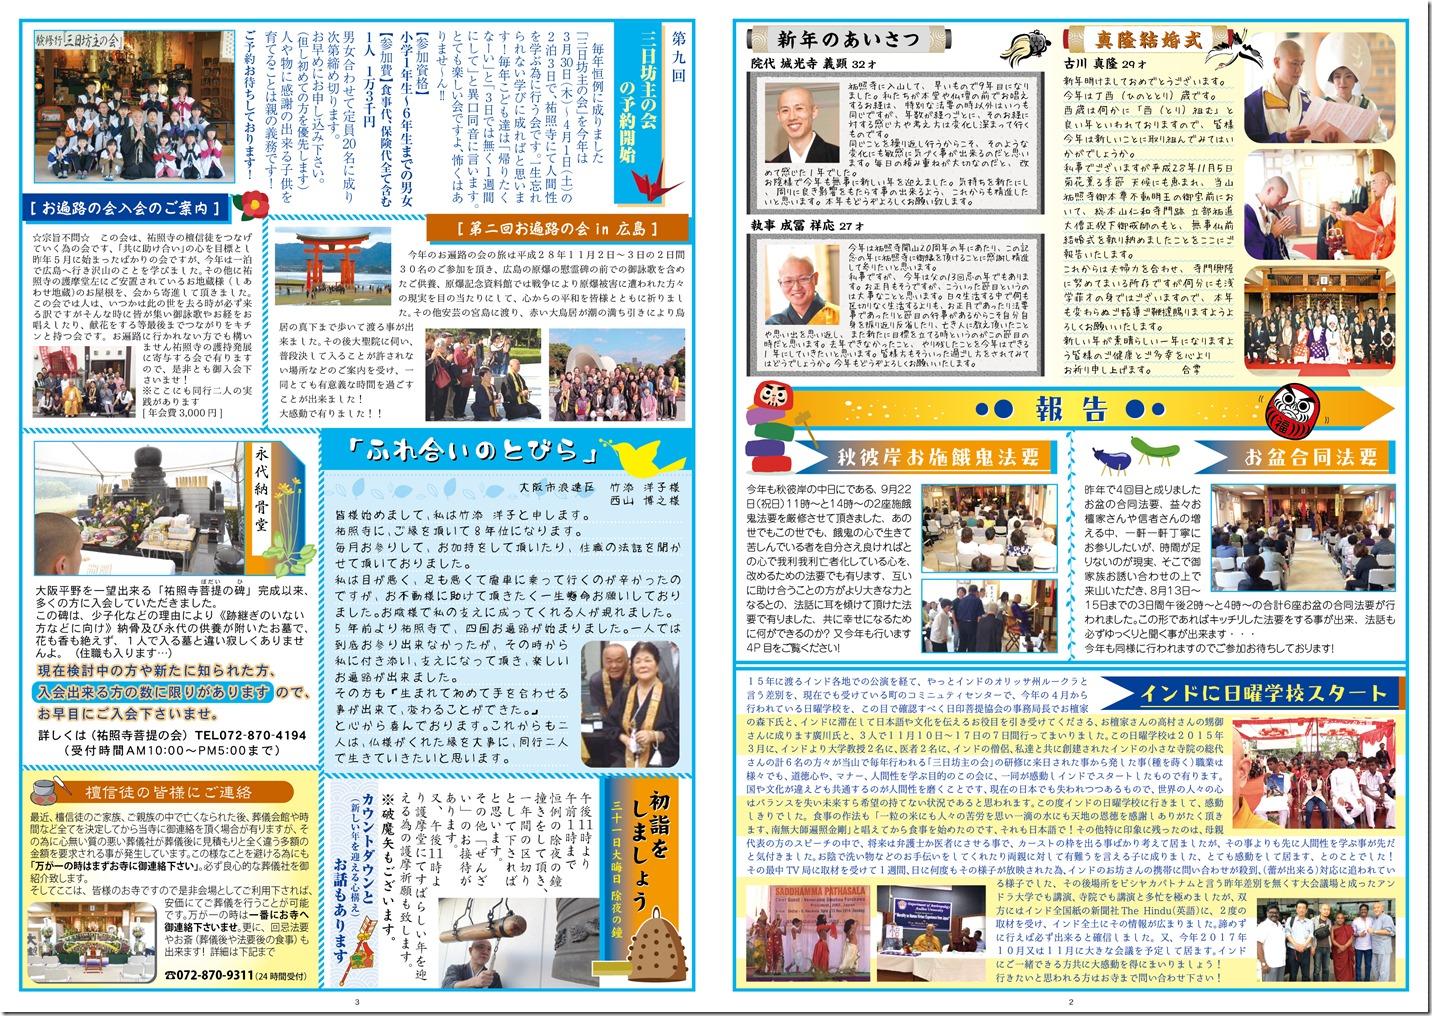 2新聞-裏-26号%u30002.3P-A3[3]